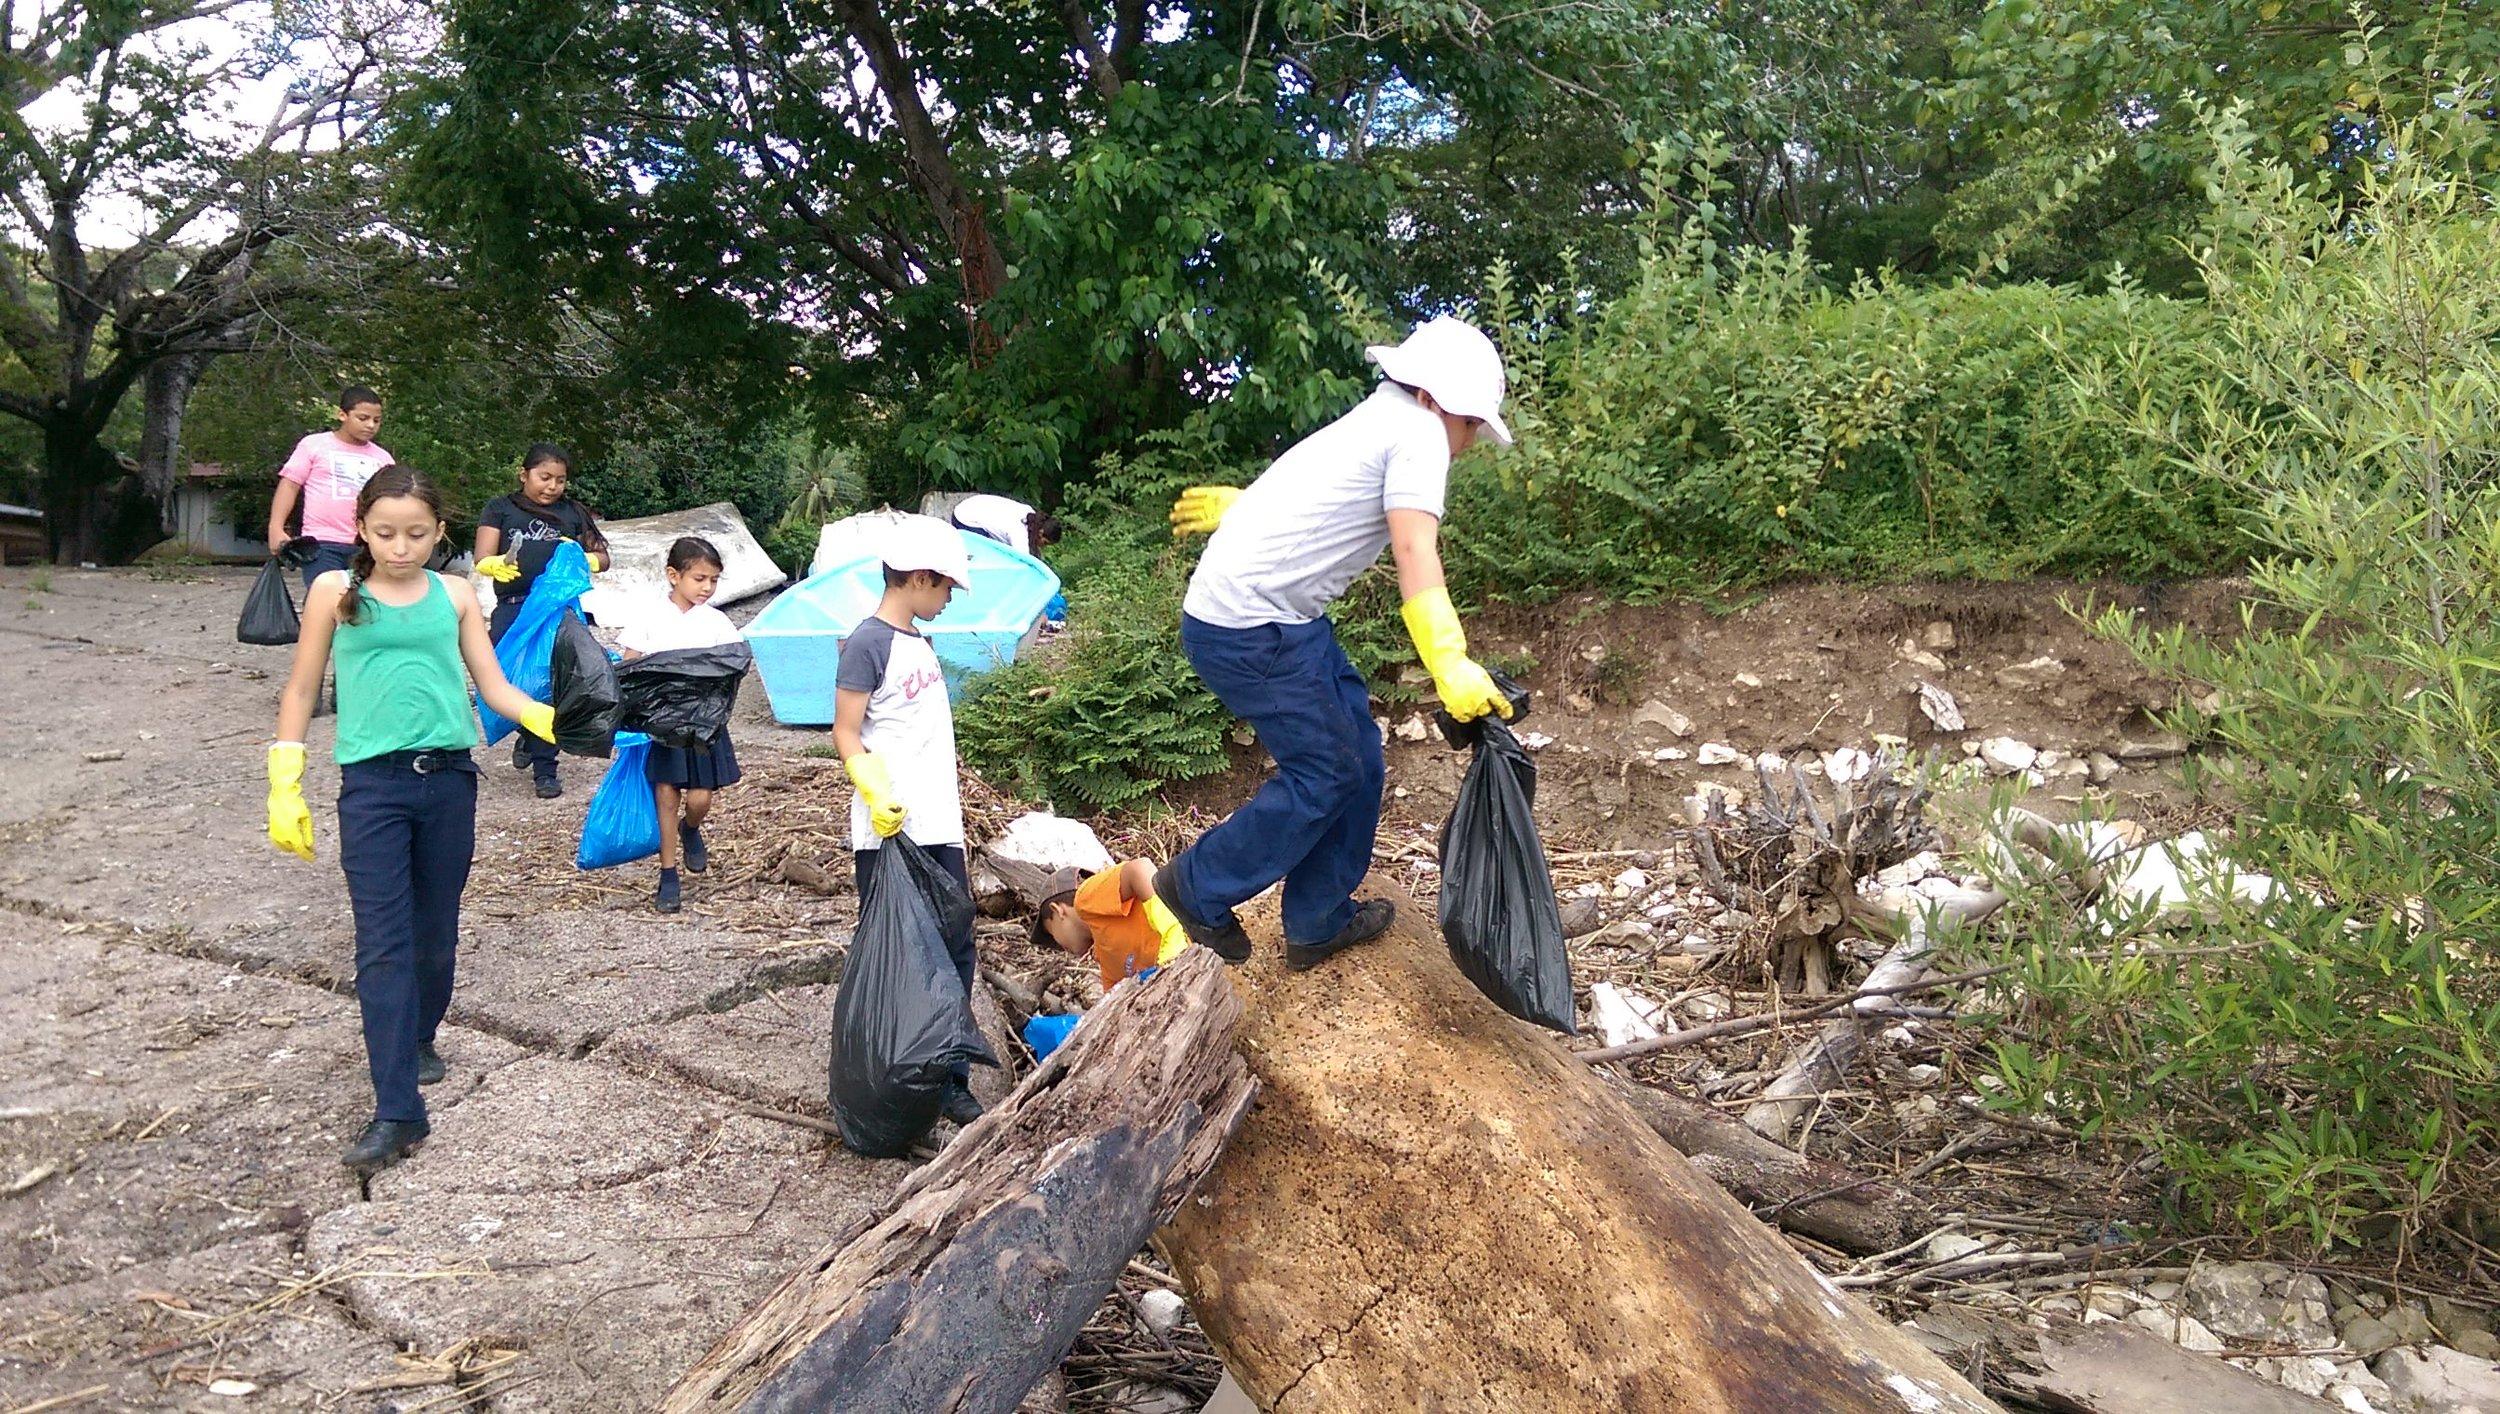 Dos veces al año, los estudiantes de la Escuela de Puerto Moreno limpian su comunidad. (Foto de la Red del Golfo)